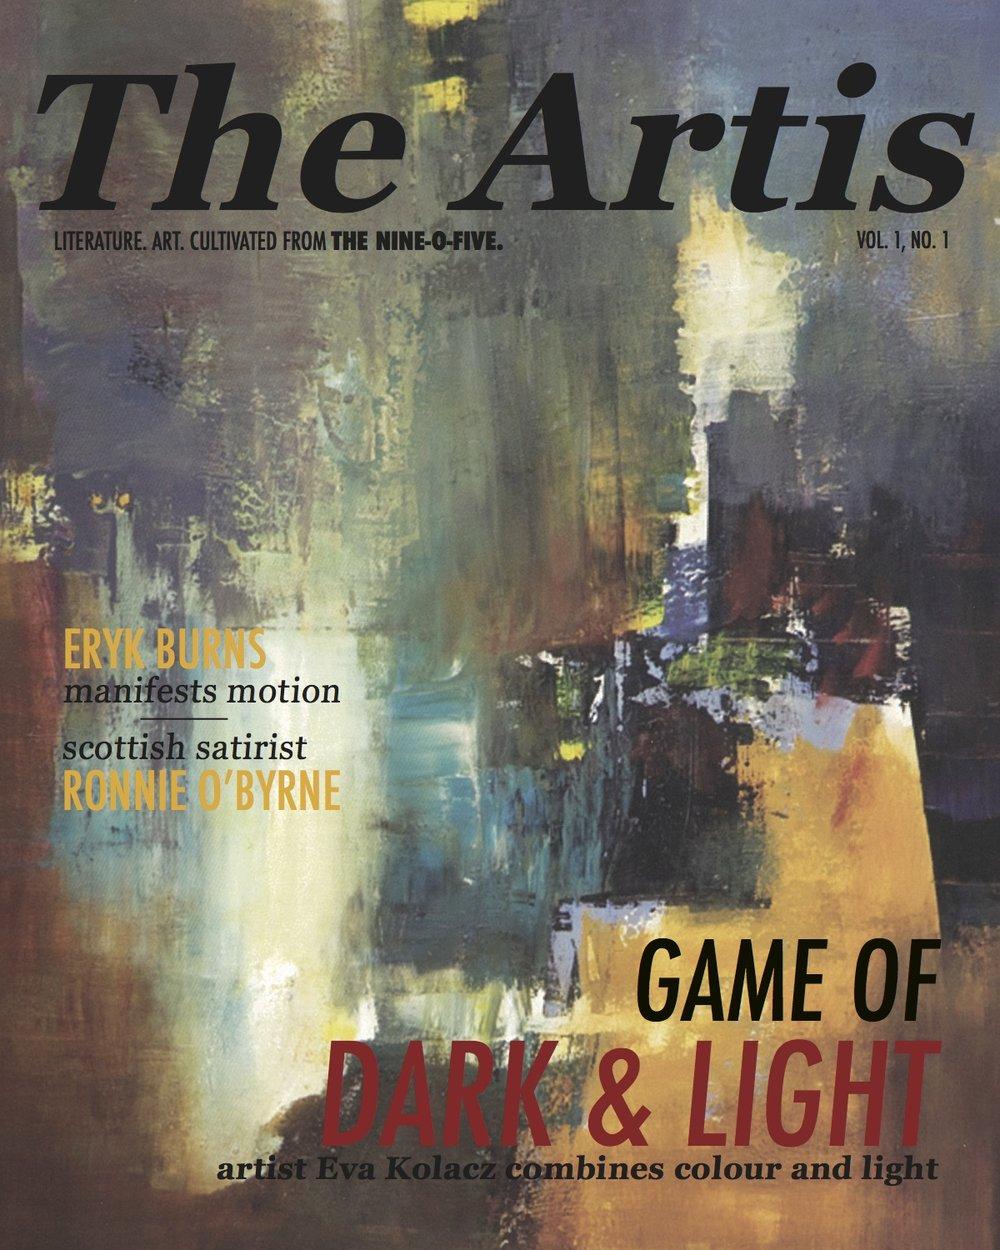 Artis 1 cover.jpg